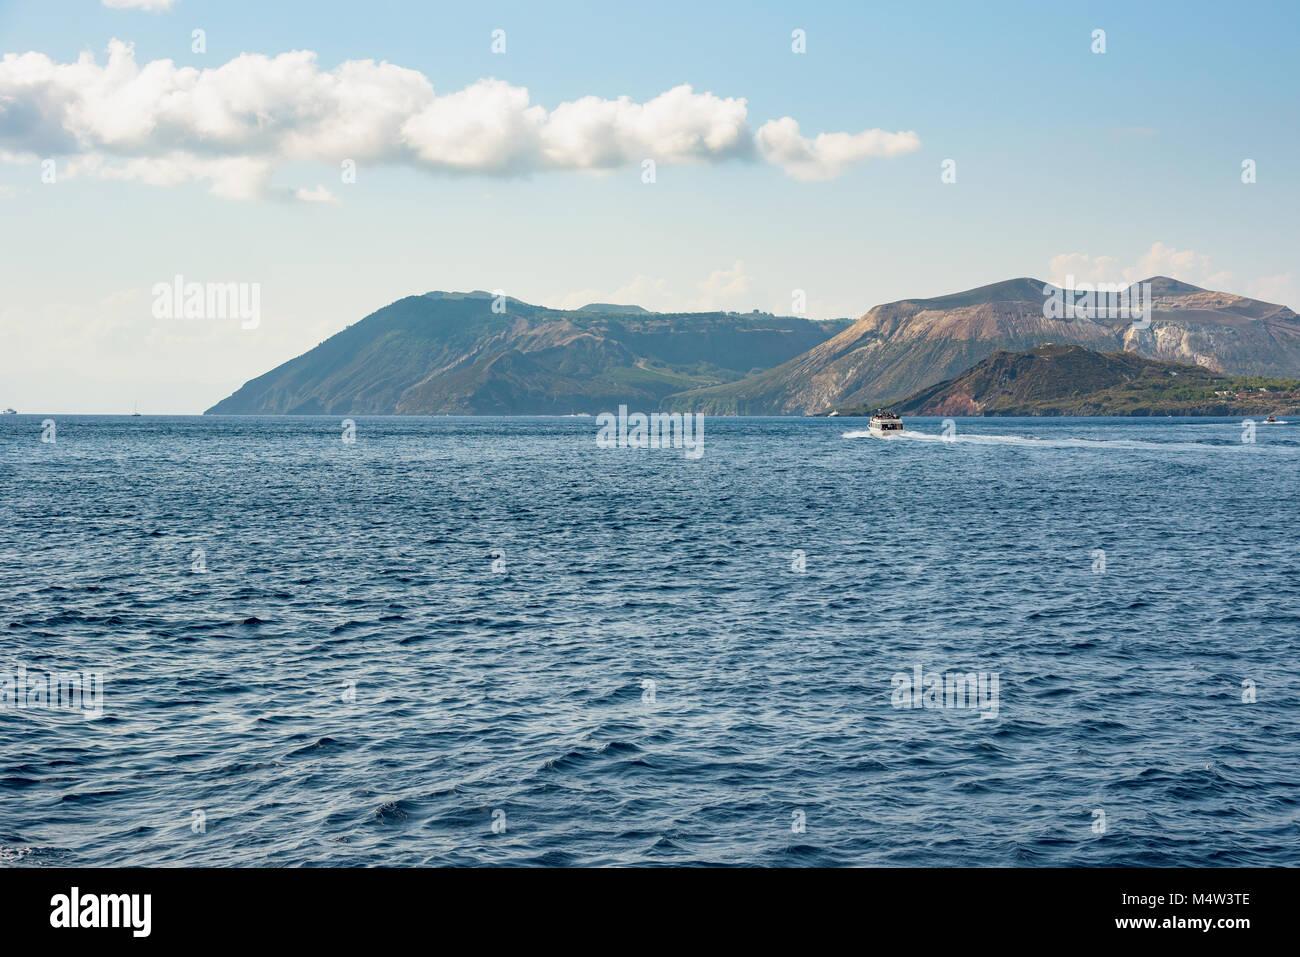 Vulcano Island seen from the sea, Aeolian Islands, Italy Stock Photo